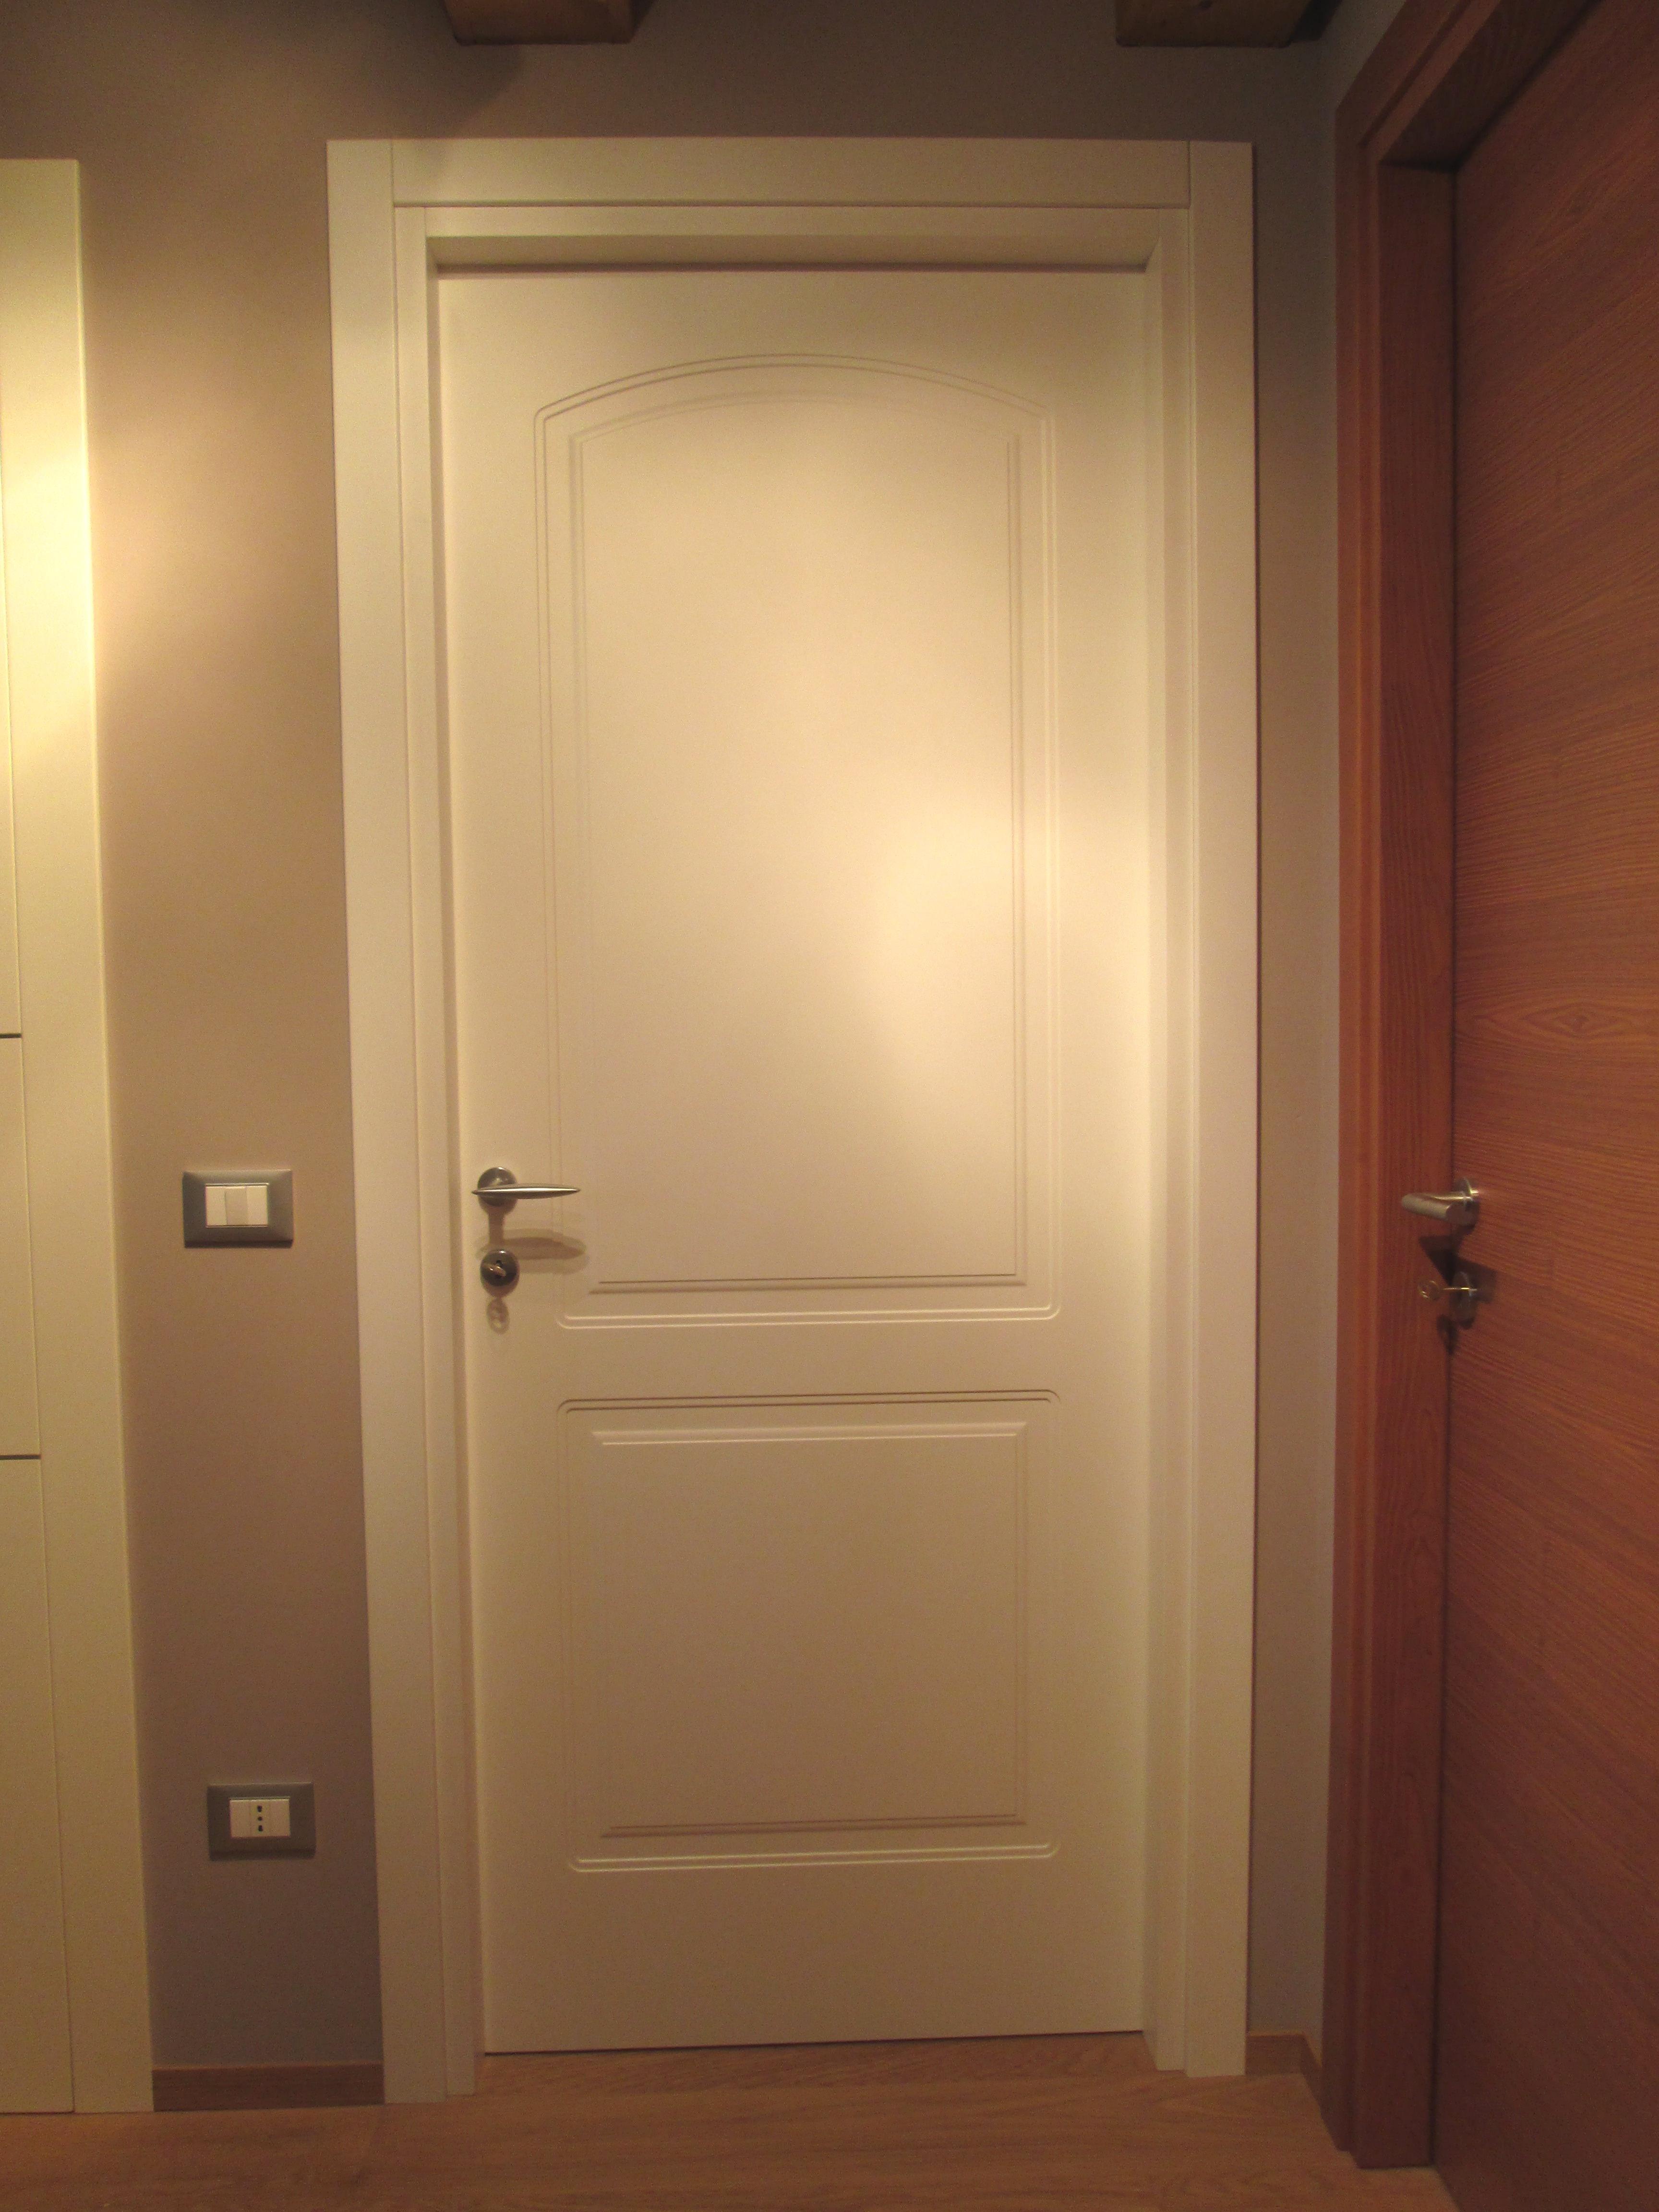 Prodotti e servizi falegnameria pozza danilo - Laccatura porte interne ...